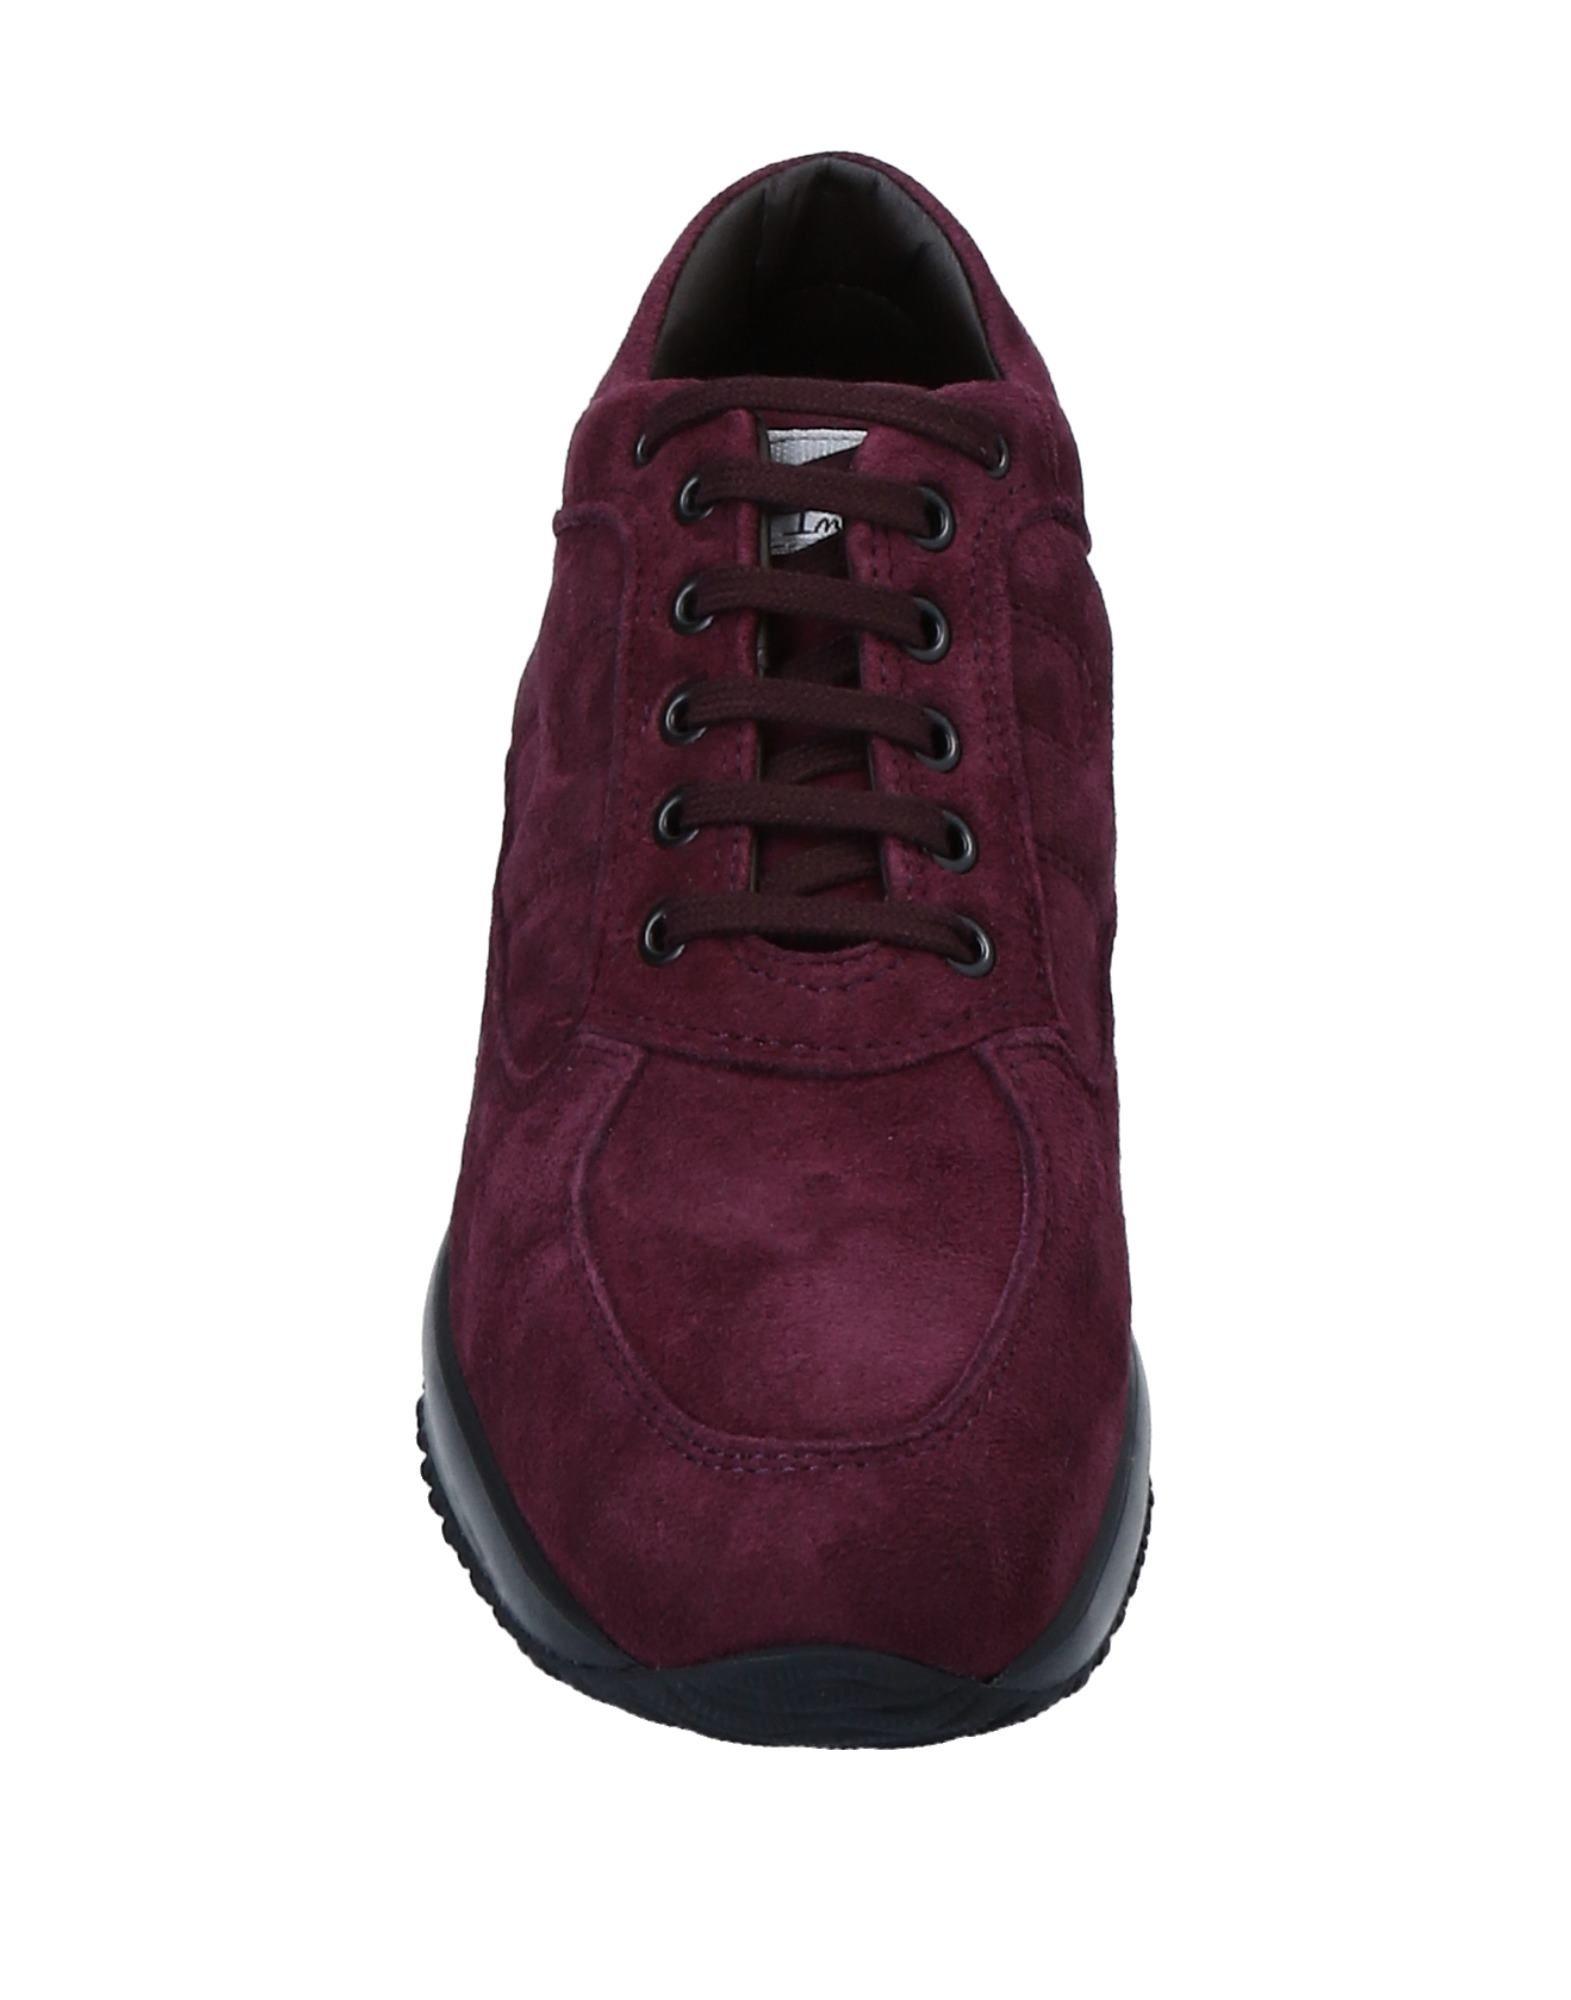 Hogan Sneakers Damen gut  11555941PSGünstige gut Damen aussehende Schuhe 3d5996